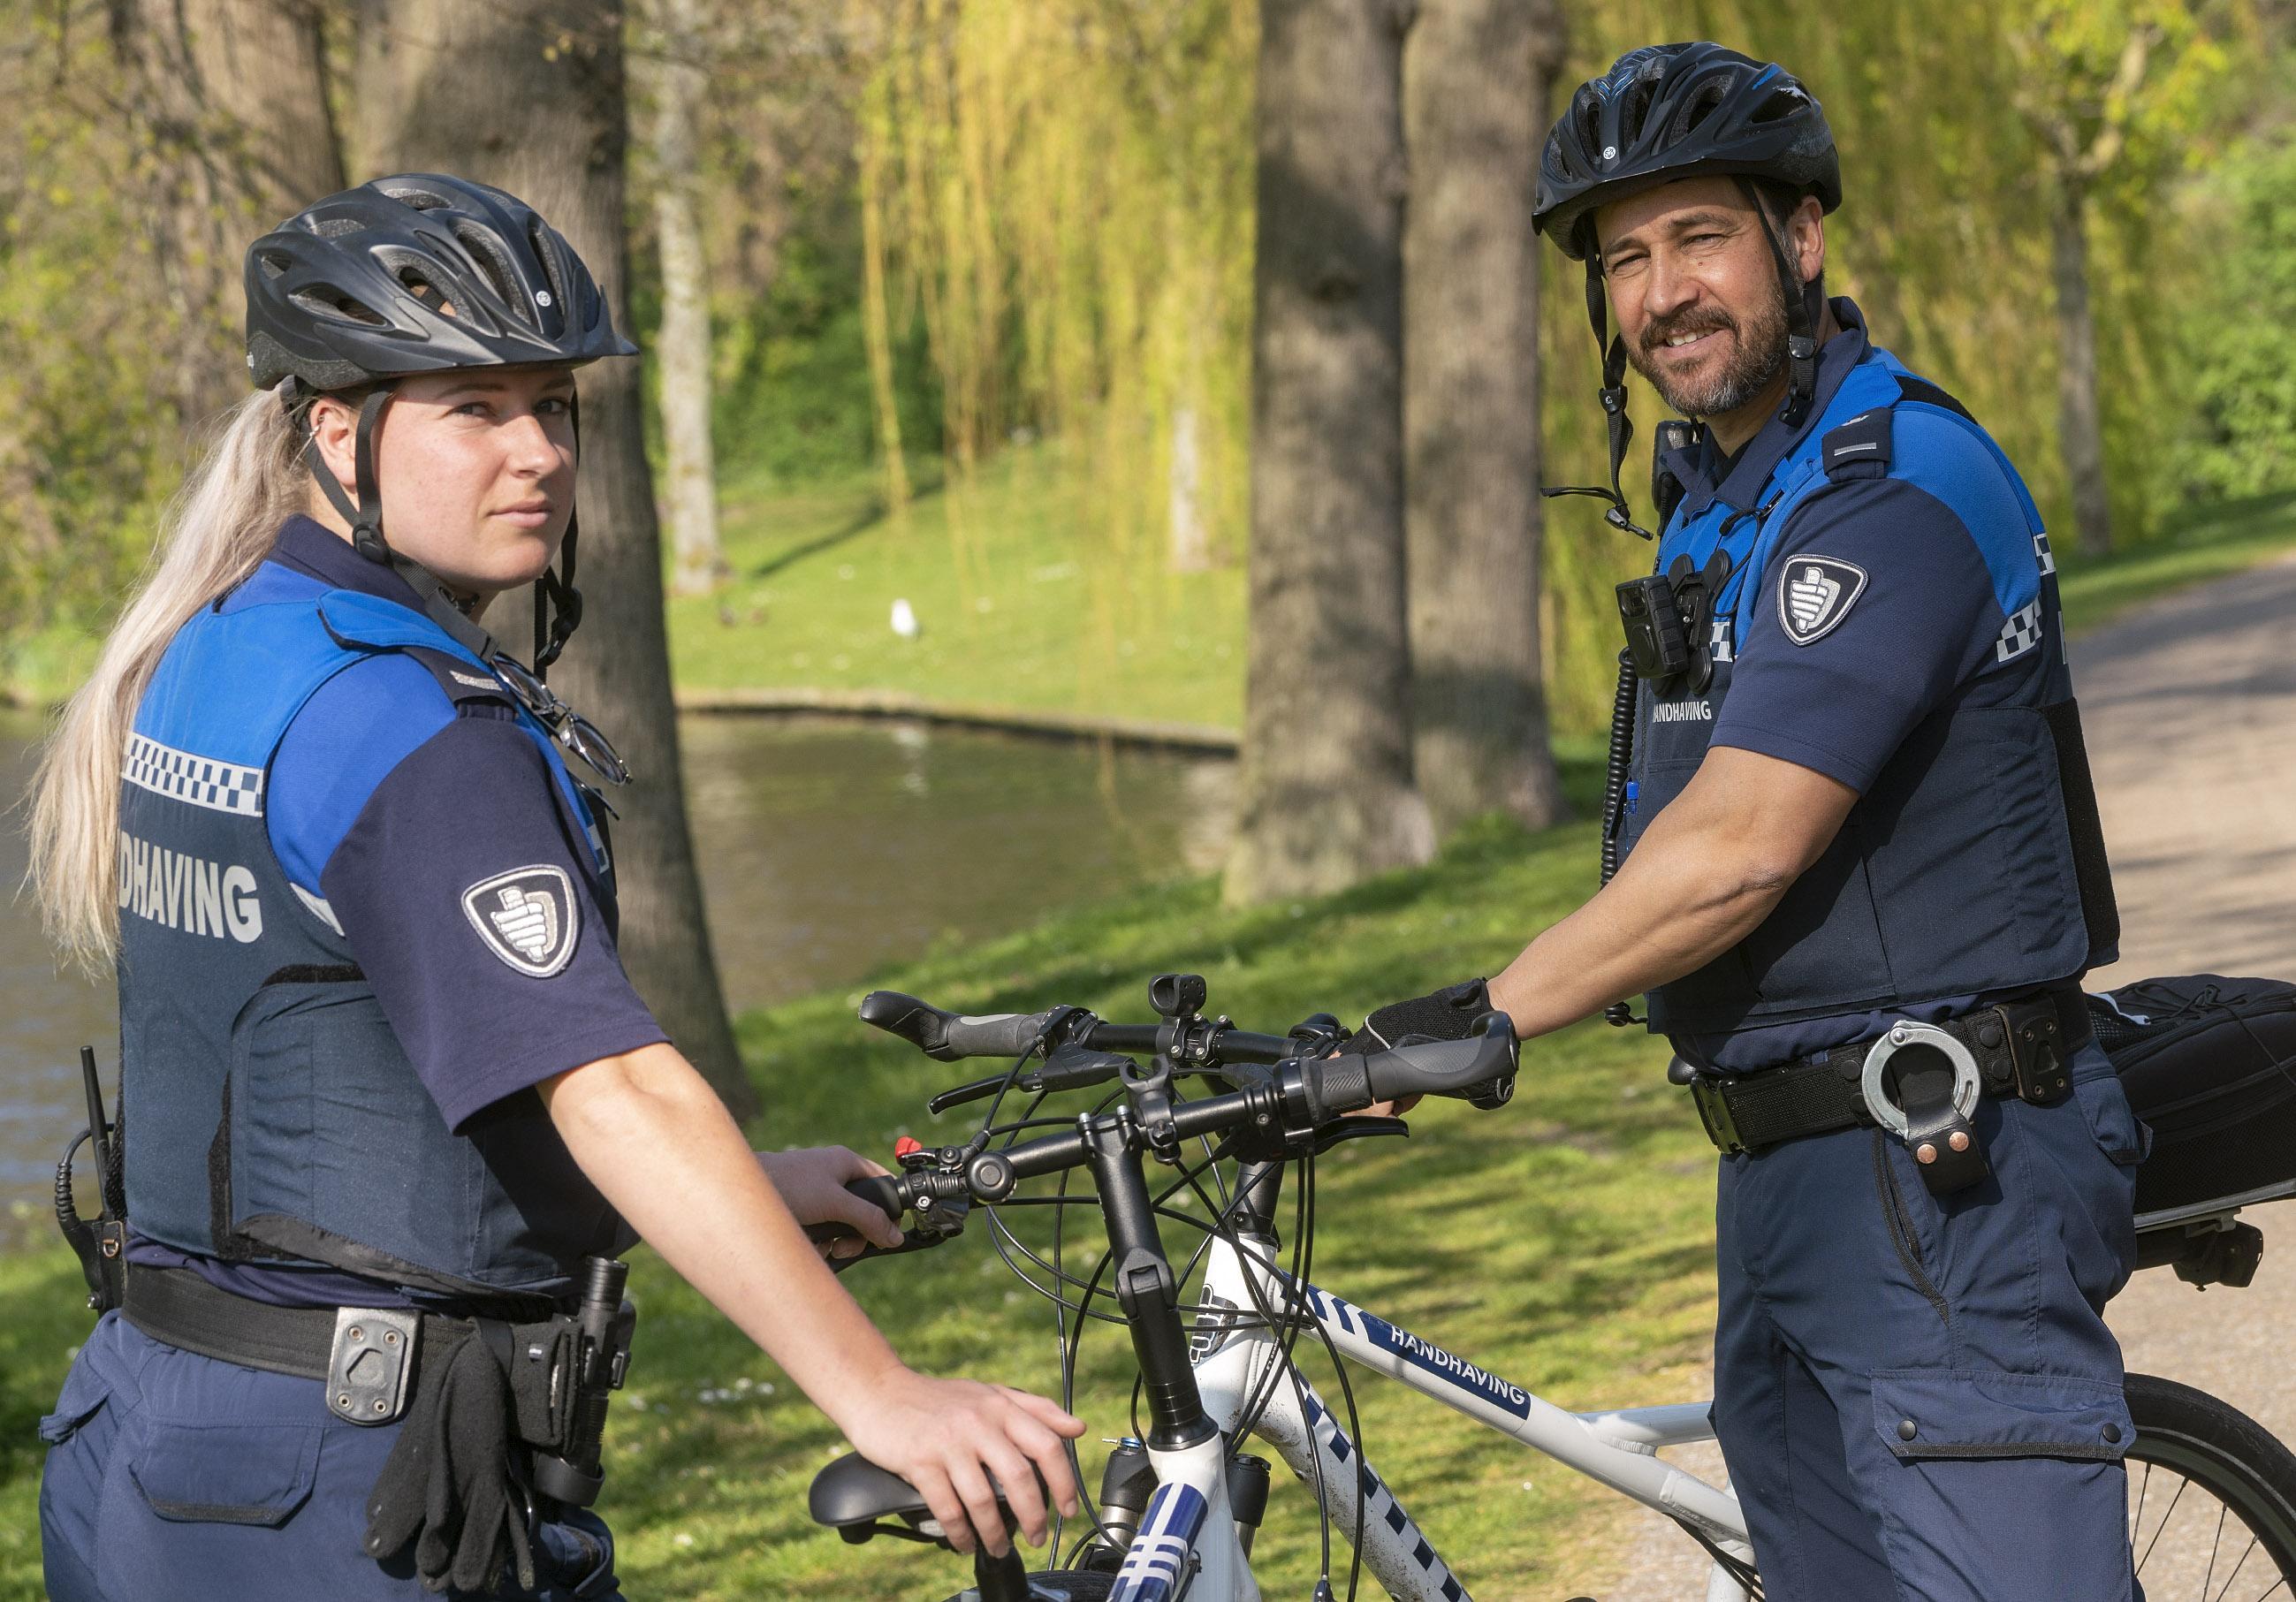 Op patrouille met Alkmaarse boa's in coronatijd: er is voor chillende hangjongeren in park Oosterhout geen ontkomen aan